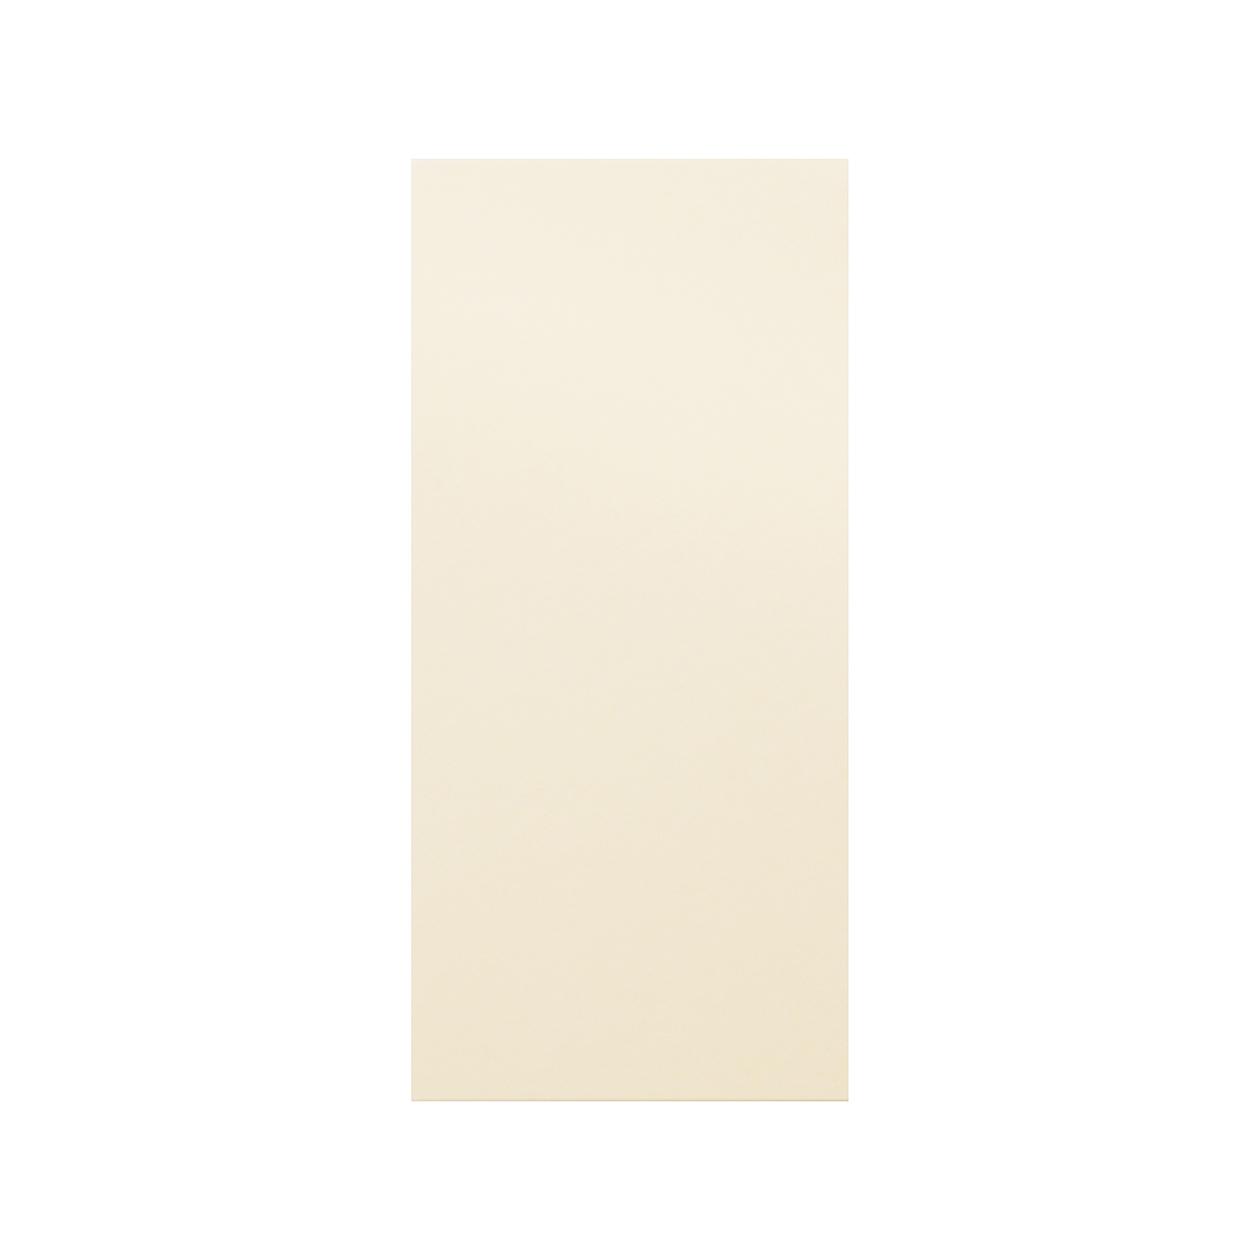 サンプル カード・シート 00283